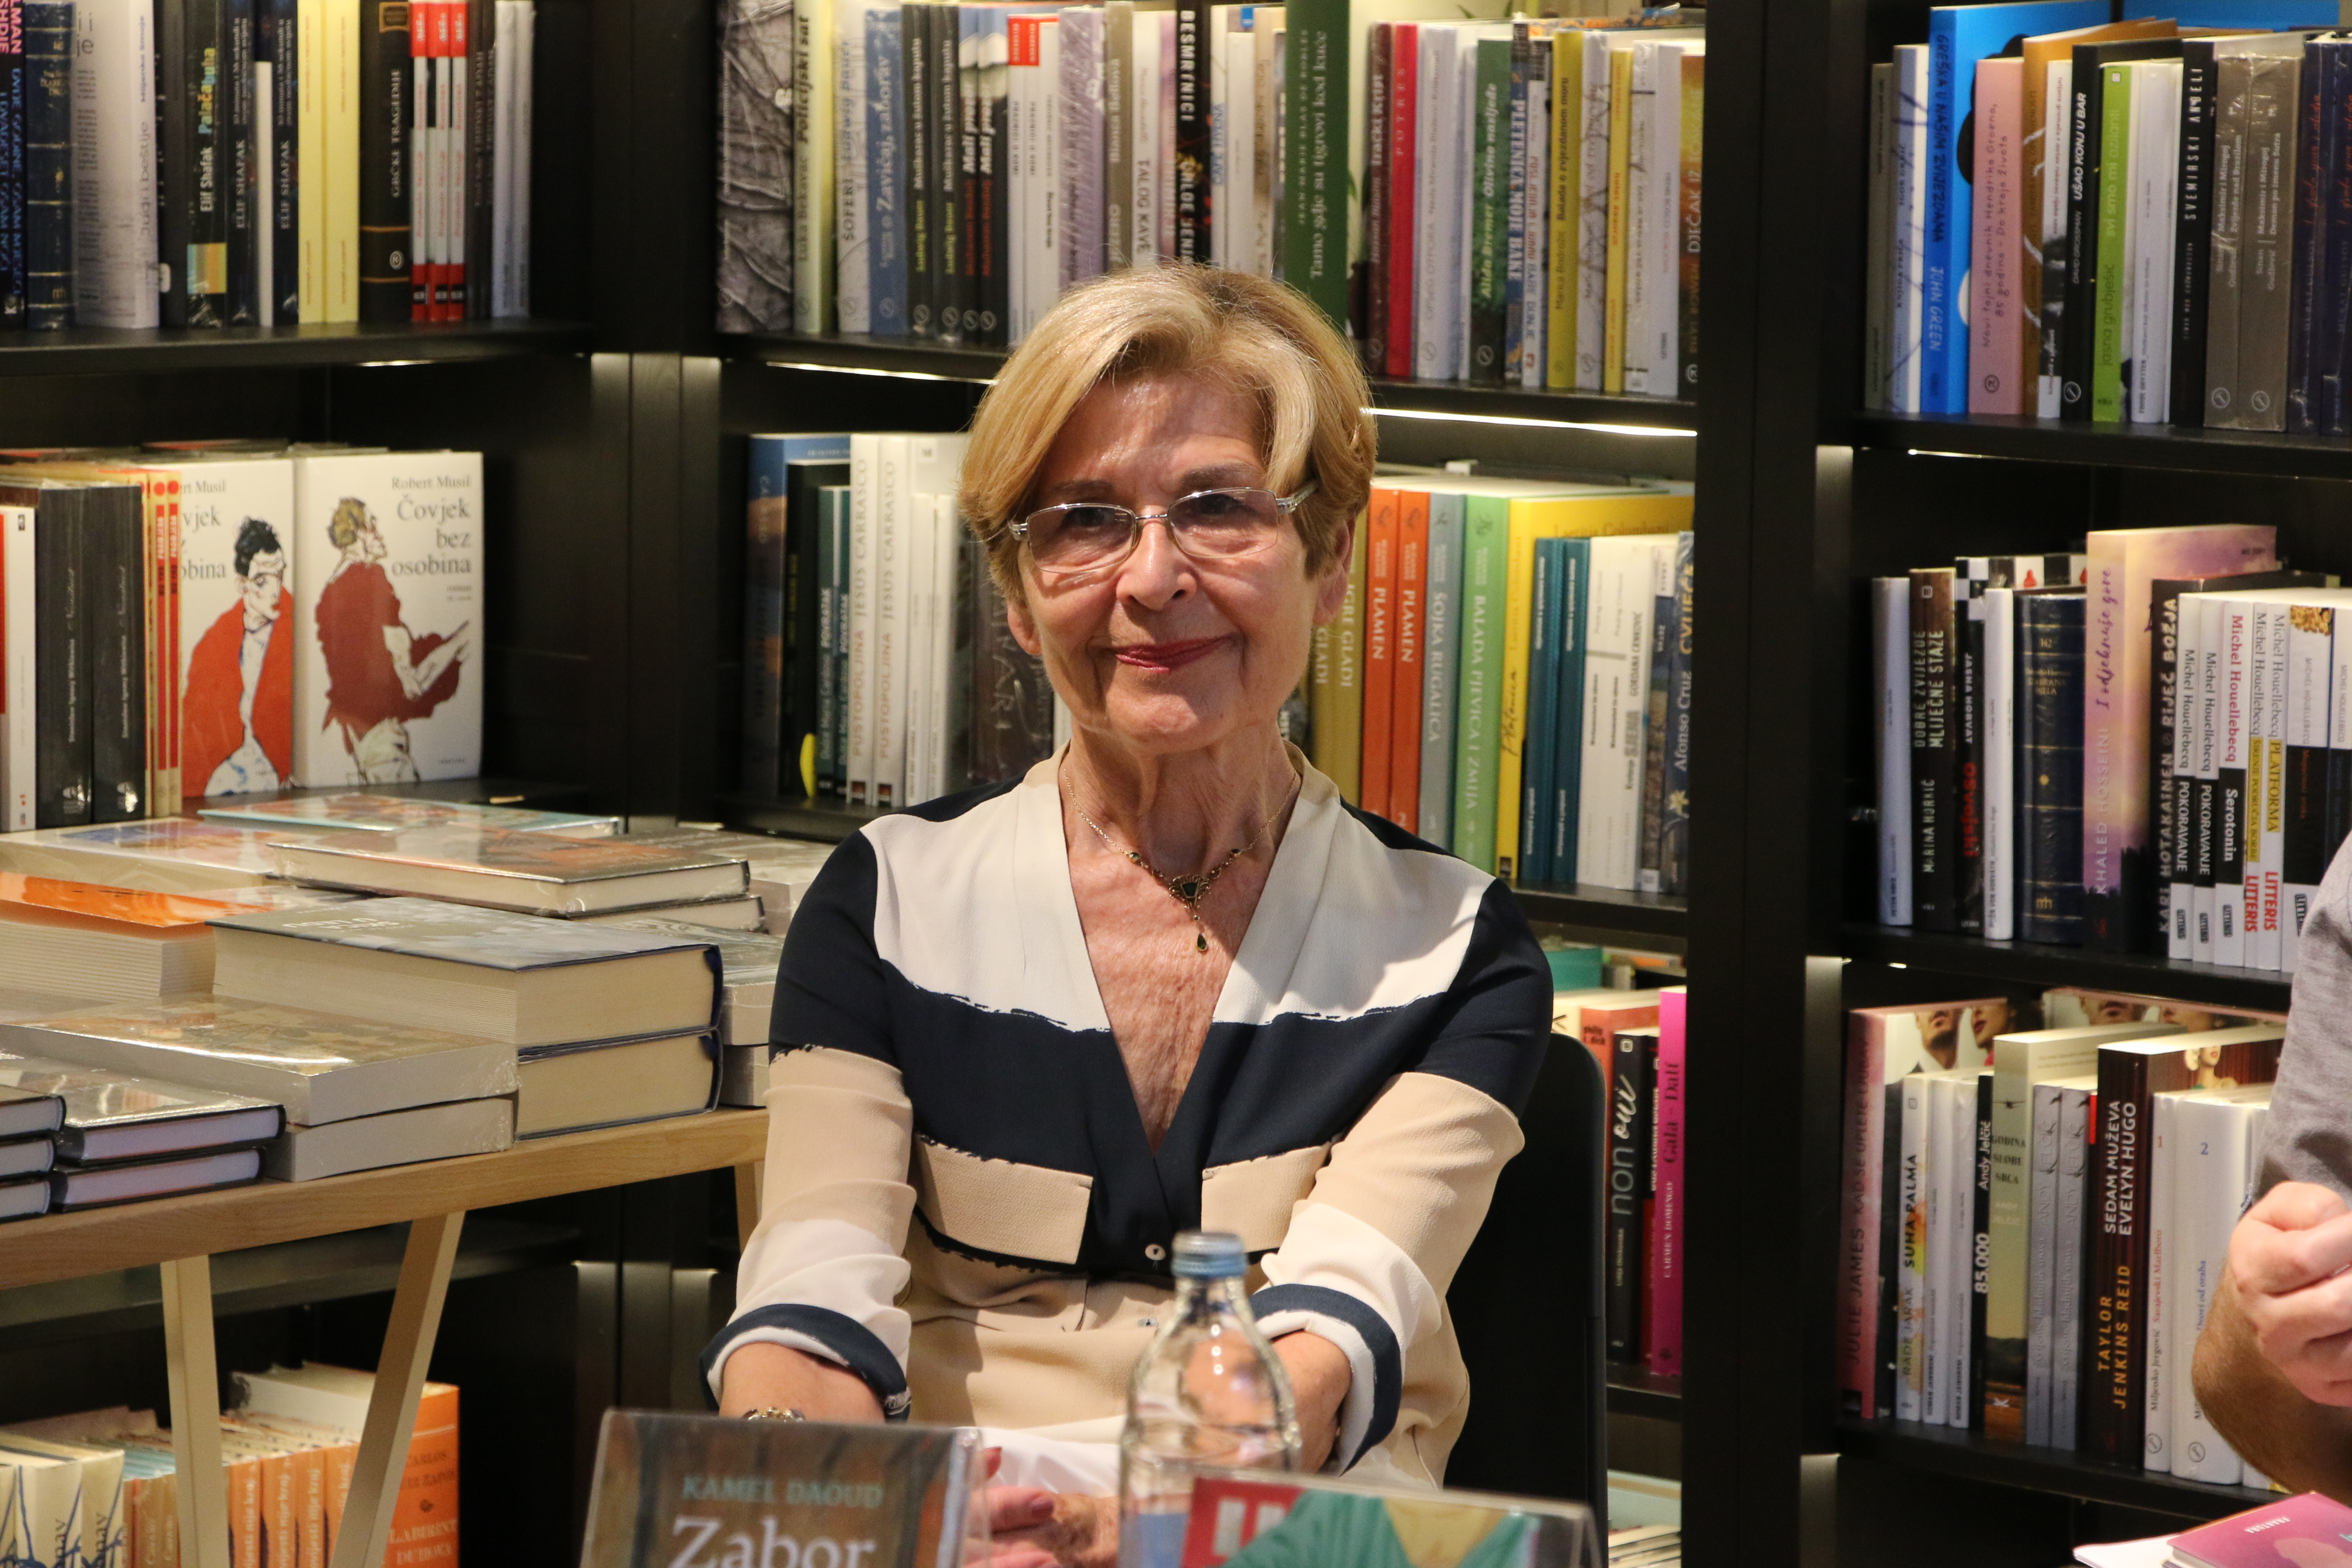 Mia Pervan: Prevođenje je posao koji pretpostavlja visoku kreativnost, dovitljivost, kombinatoriku, strpljivo traganje za pravom riječi